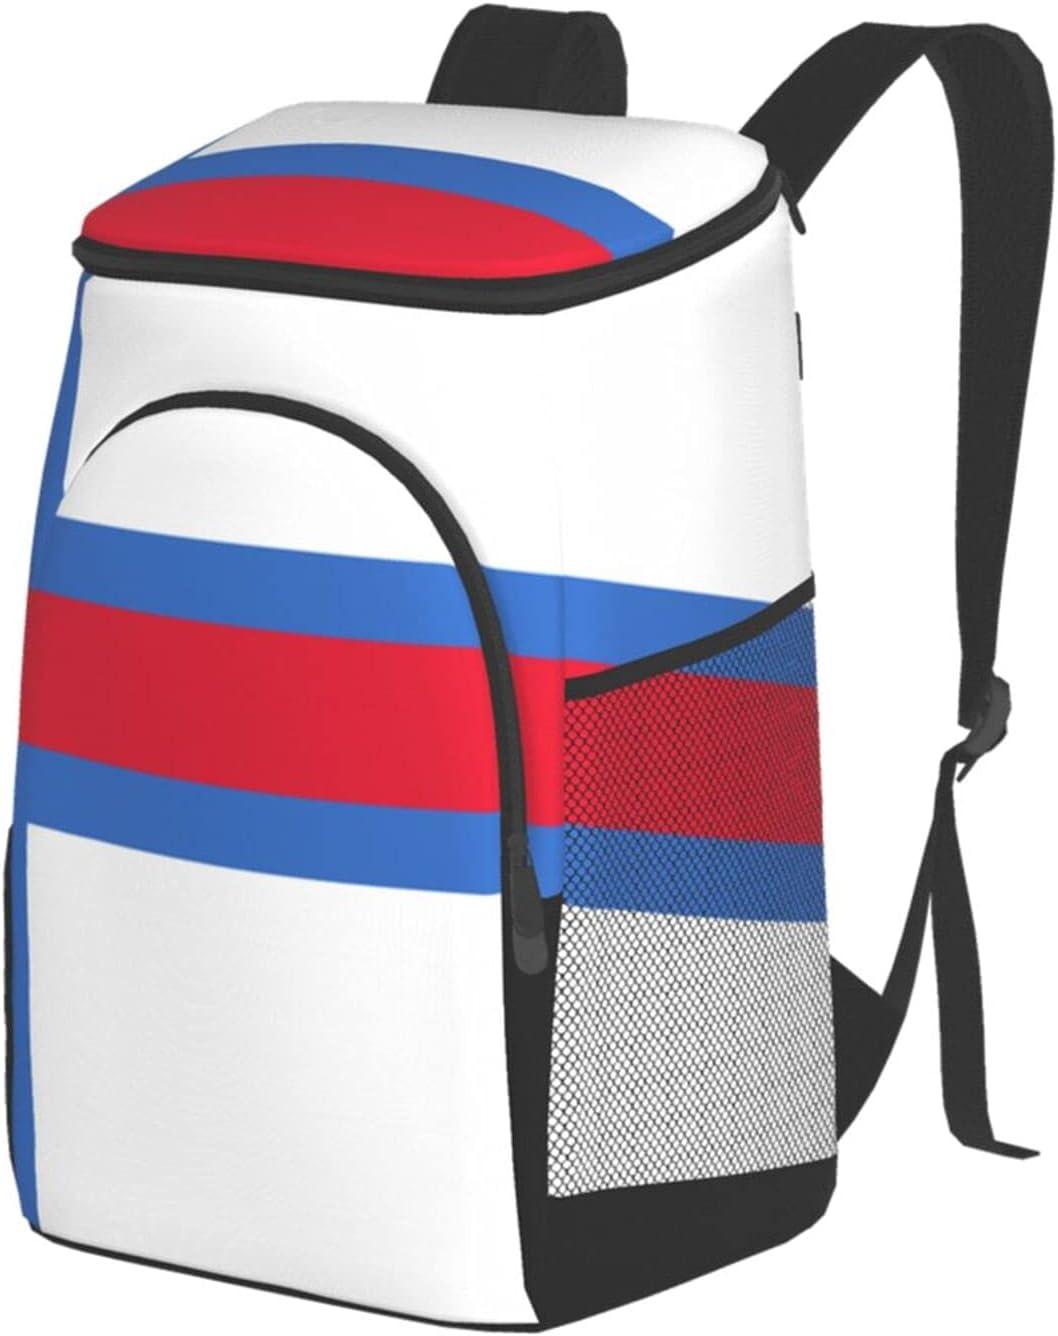 Max 89% OFF Excellence NDAQUC Faroe lslands Flag Game Shoulder Outdoor Bag Insulation P